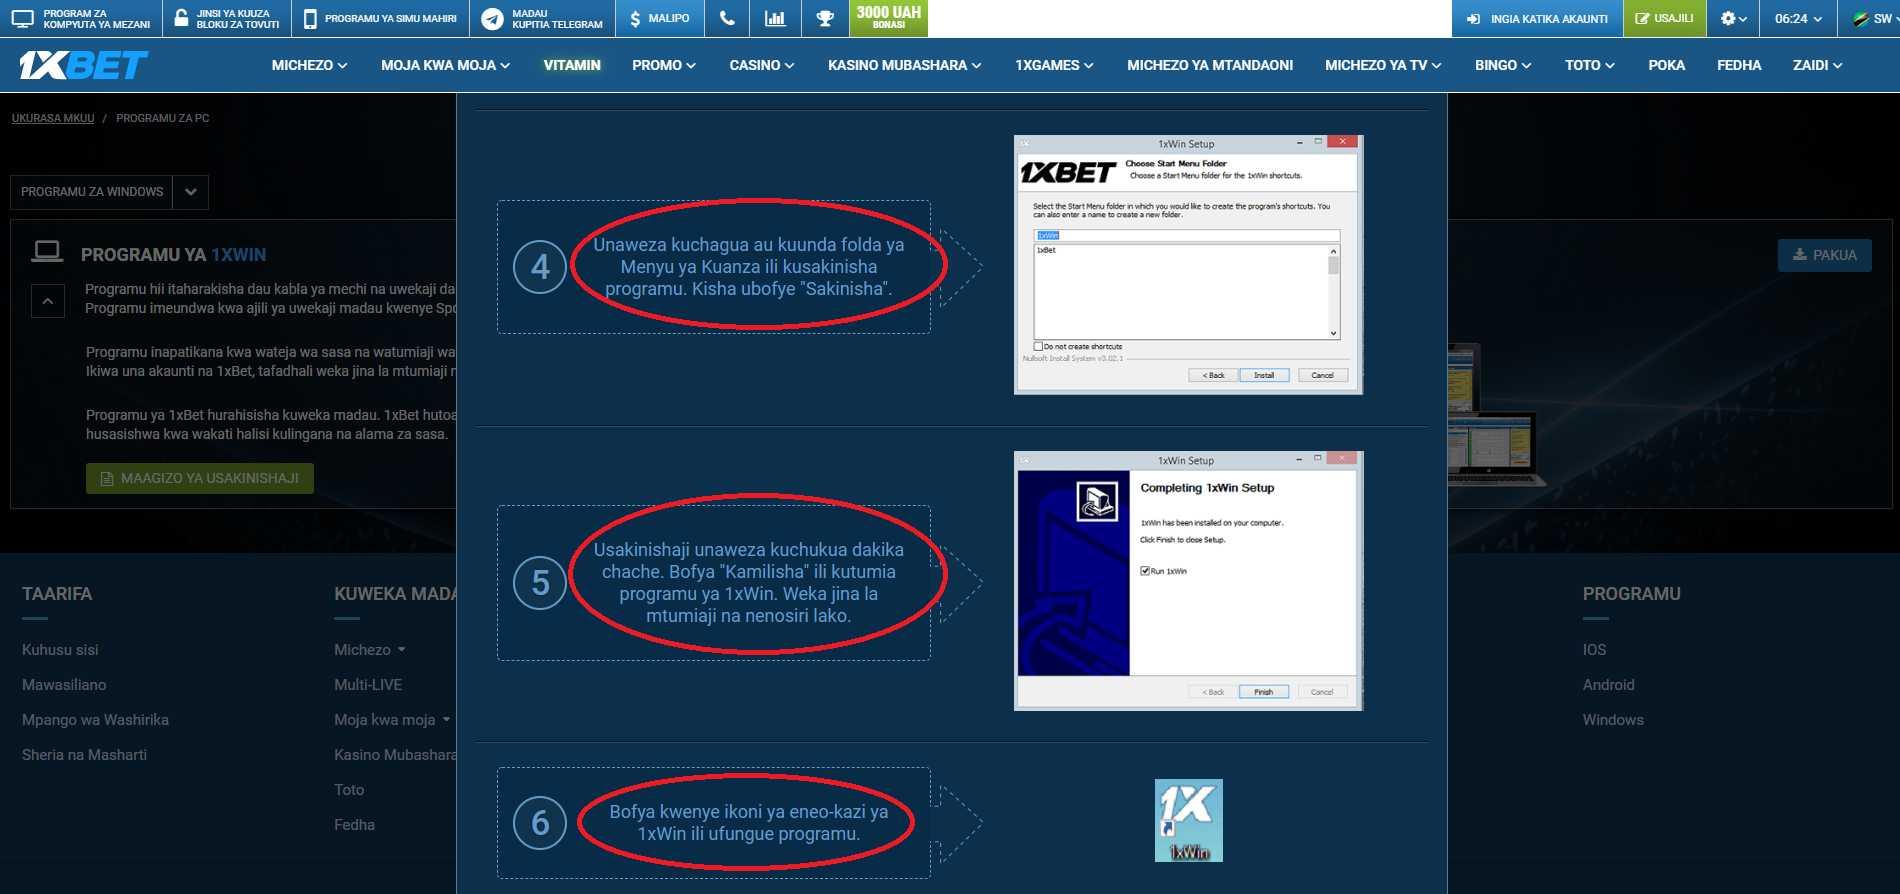 1xBet App TZ Download Guidelines